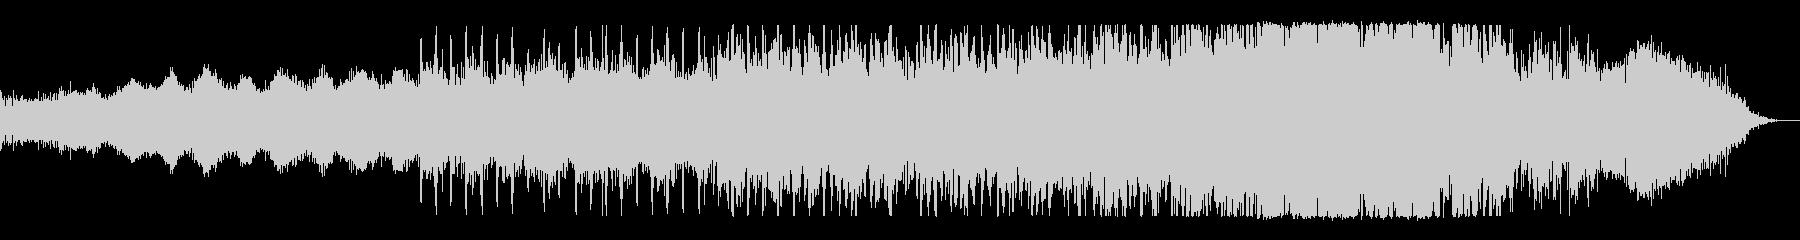 KANTノイズホラーBGM200723の未再生の波形